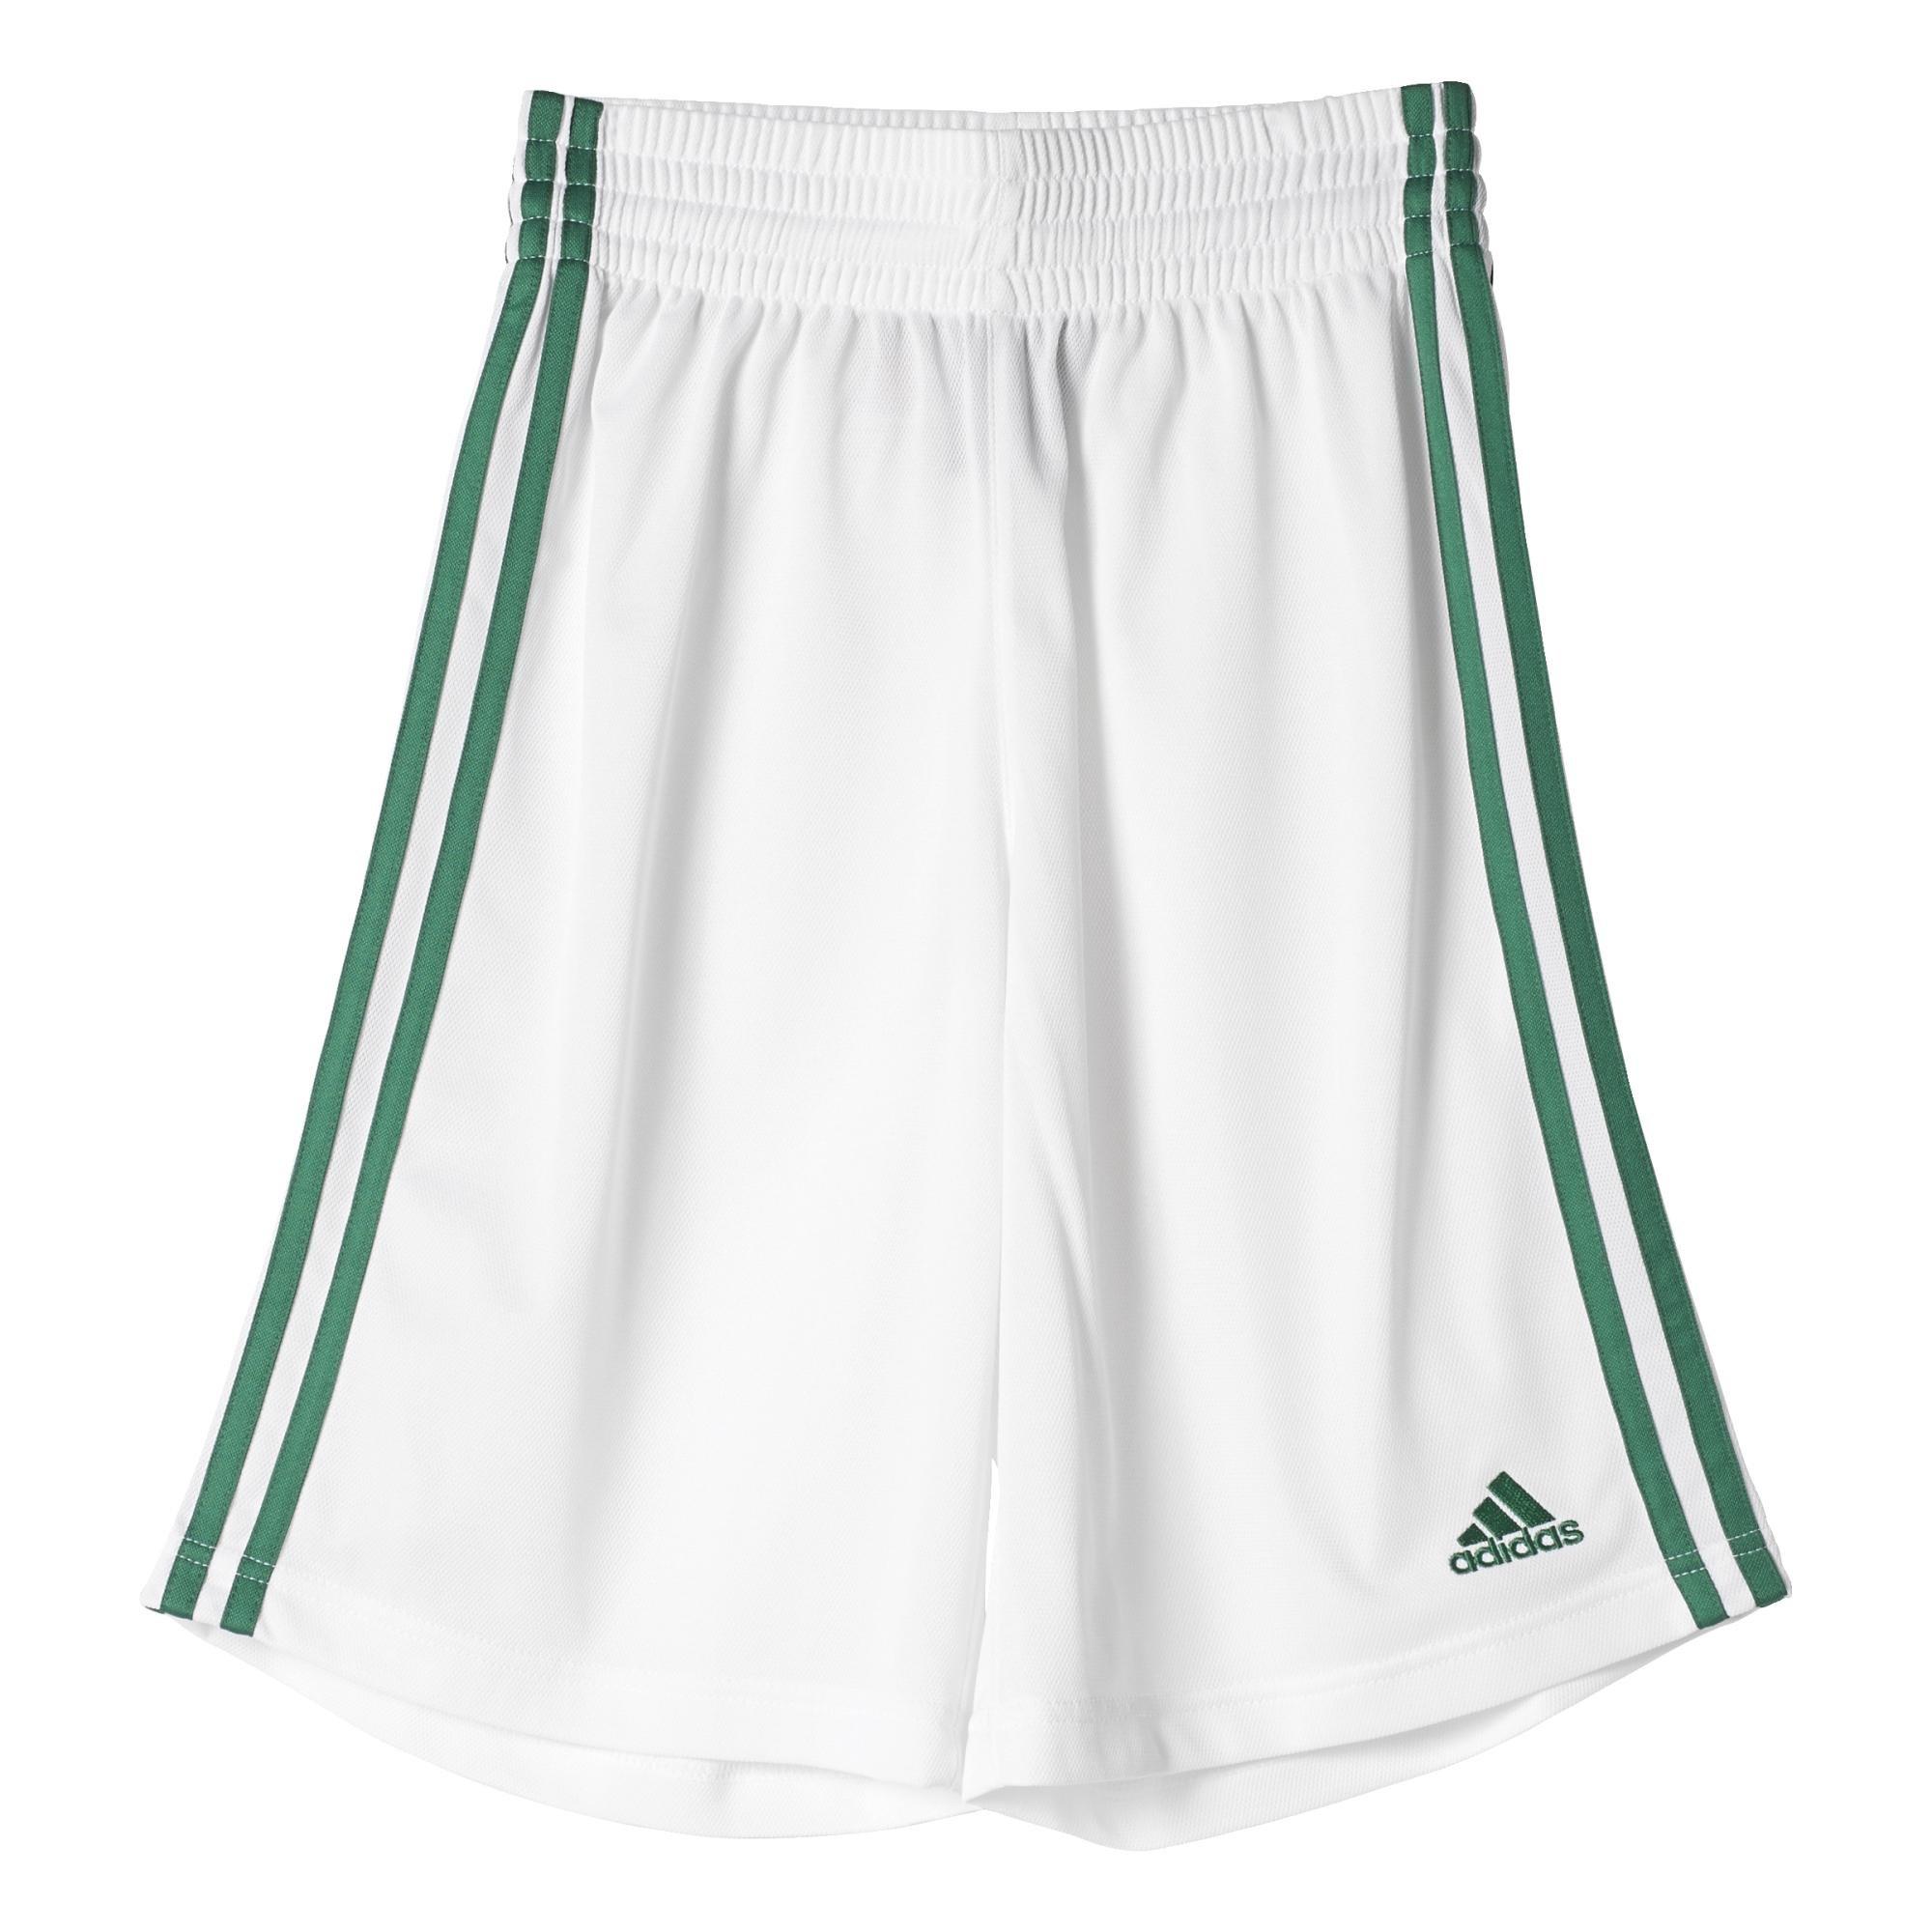 Adidas e Commander S-Pantalón per bambino, multicolore (blanco / verde), 13-14 anni